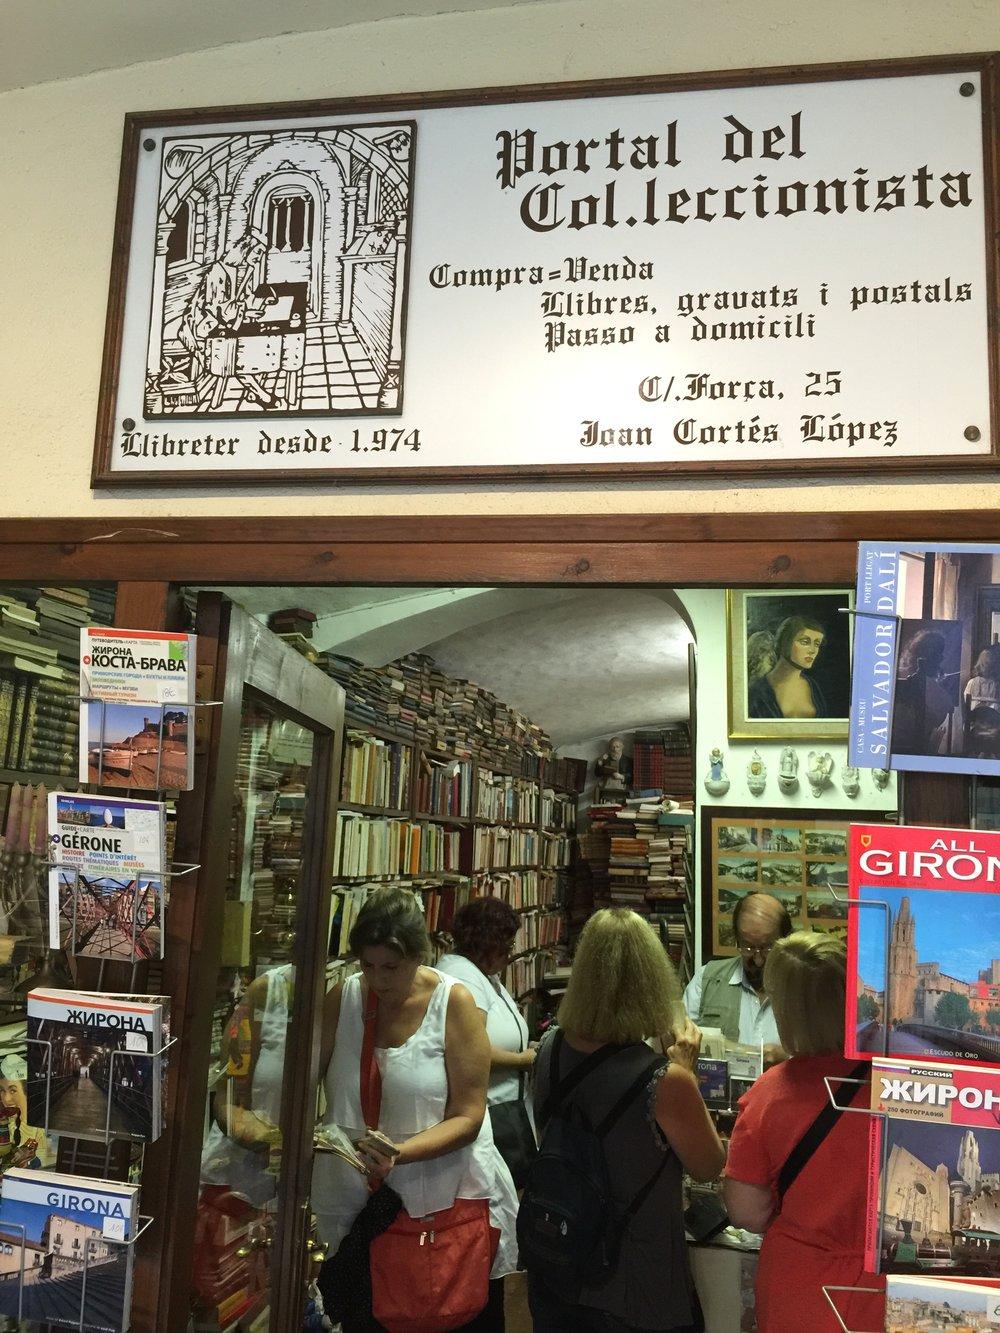 bookshop+Girona.jpg